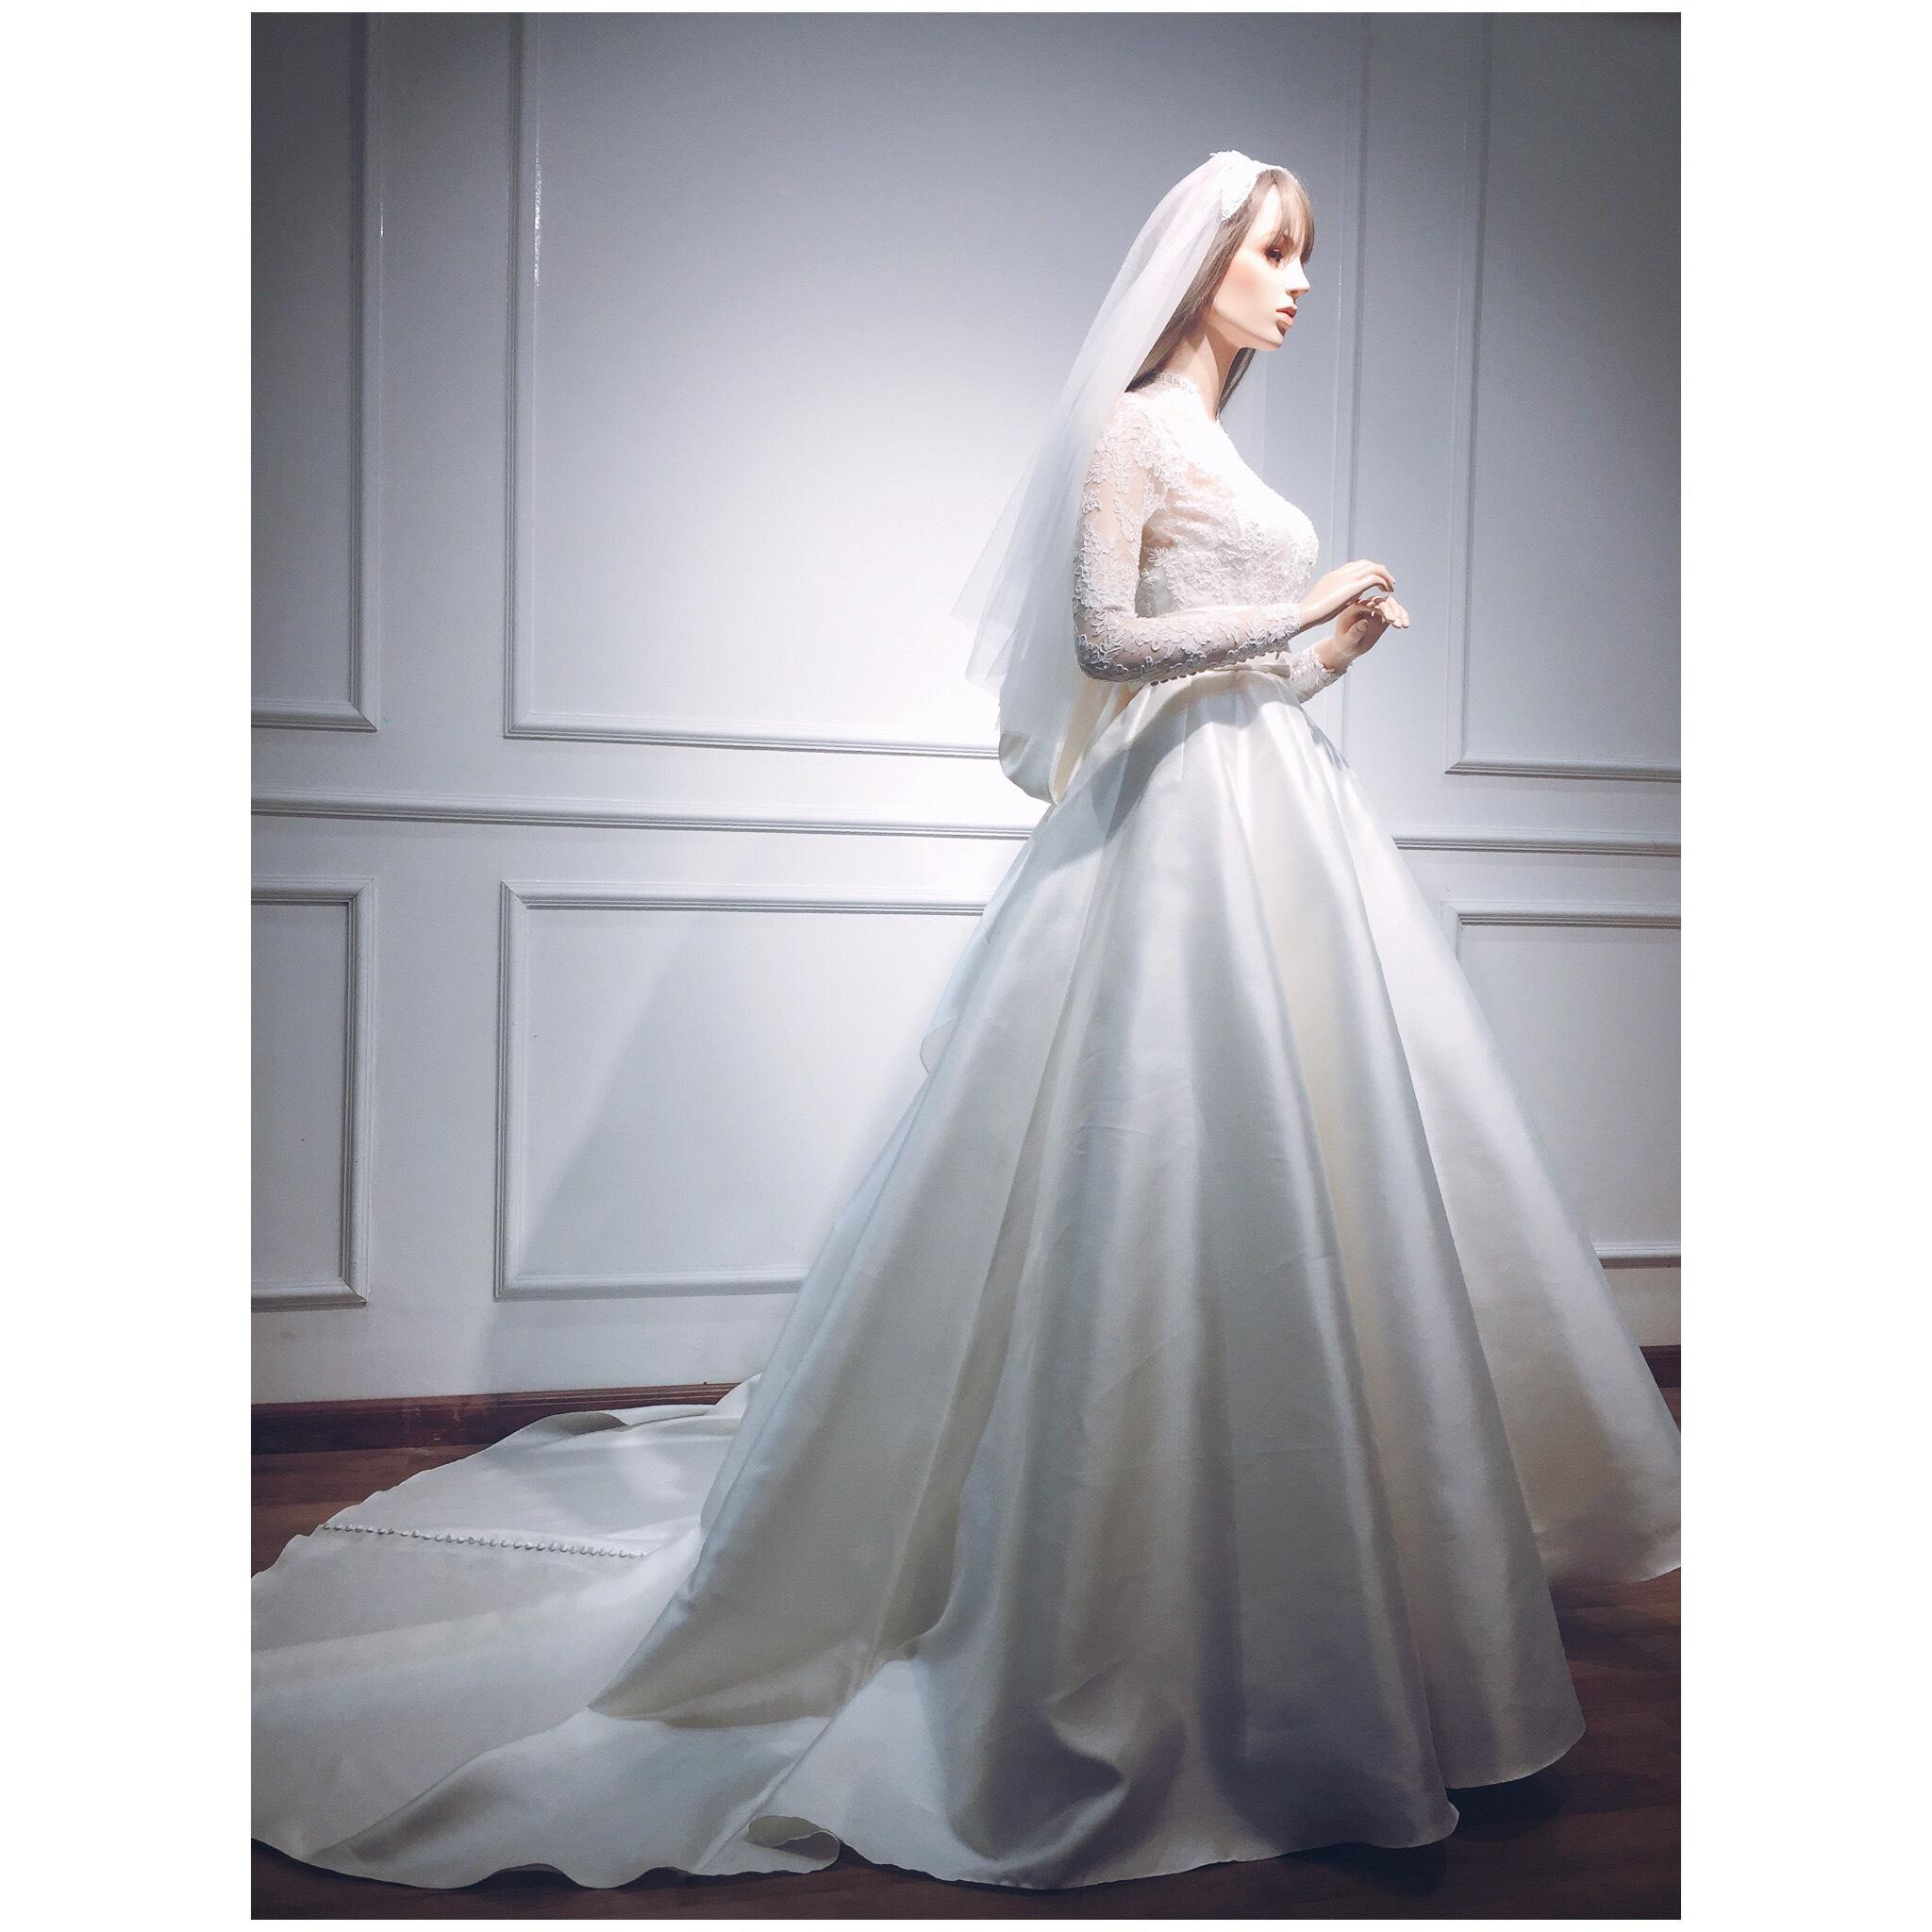 Bí mật chiếc váy cưới biến Đặng Thu Thảo thành nàng công chúa trong ngày cưới-7